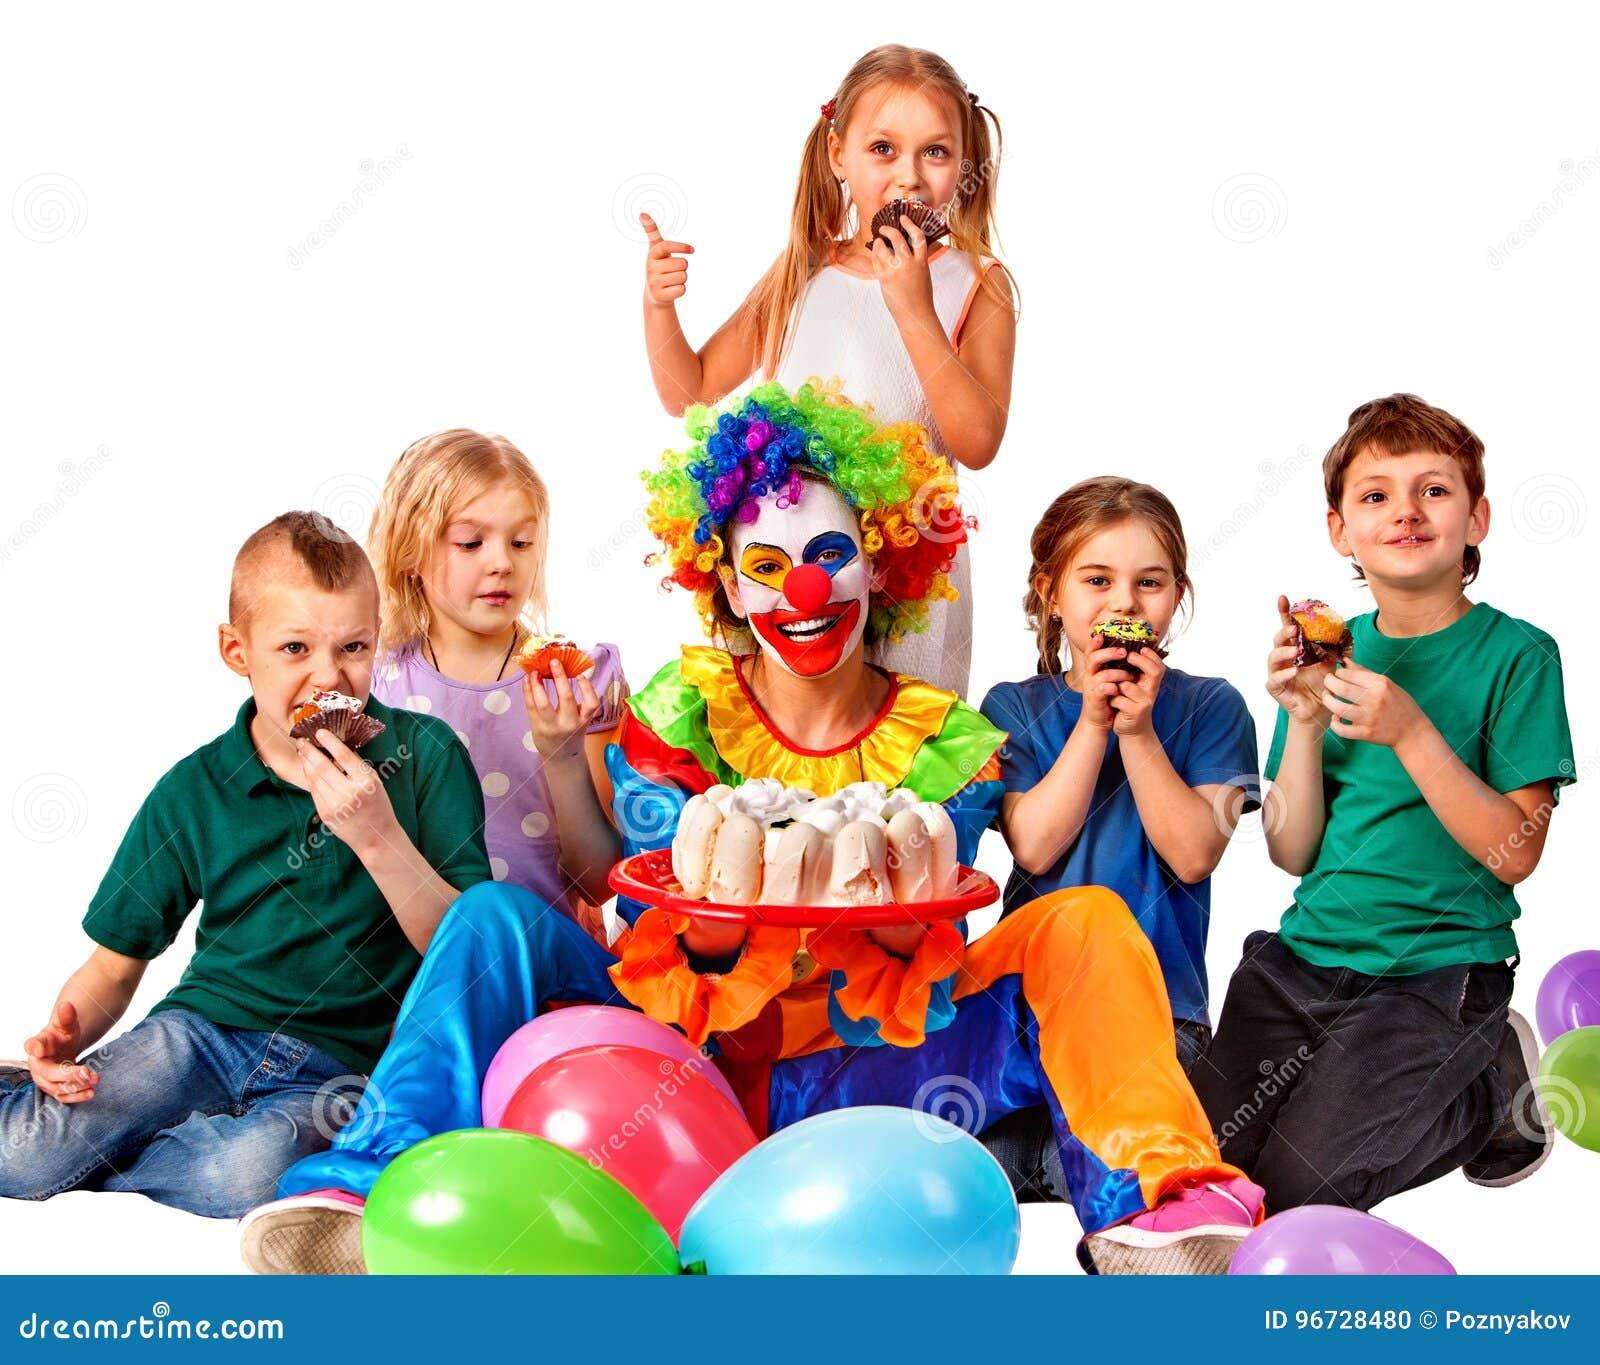 Plans For Children S Birthday Cakes